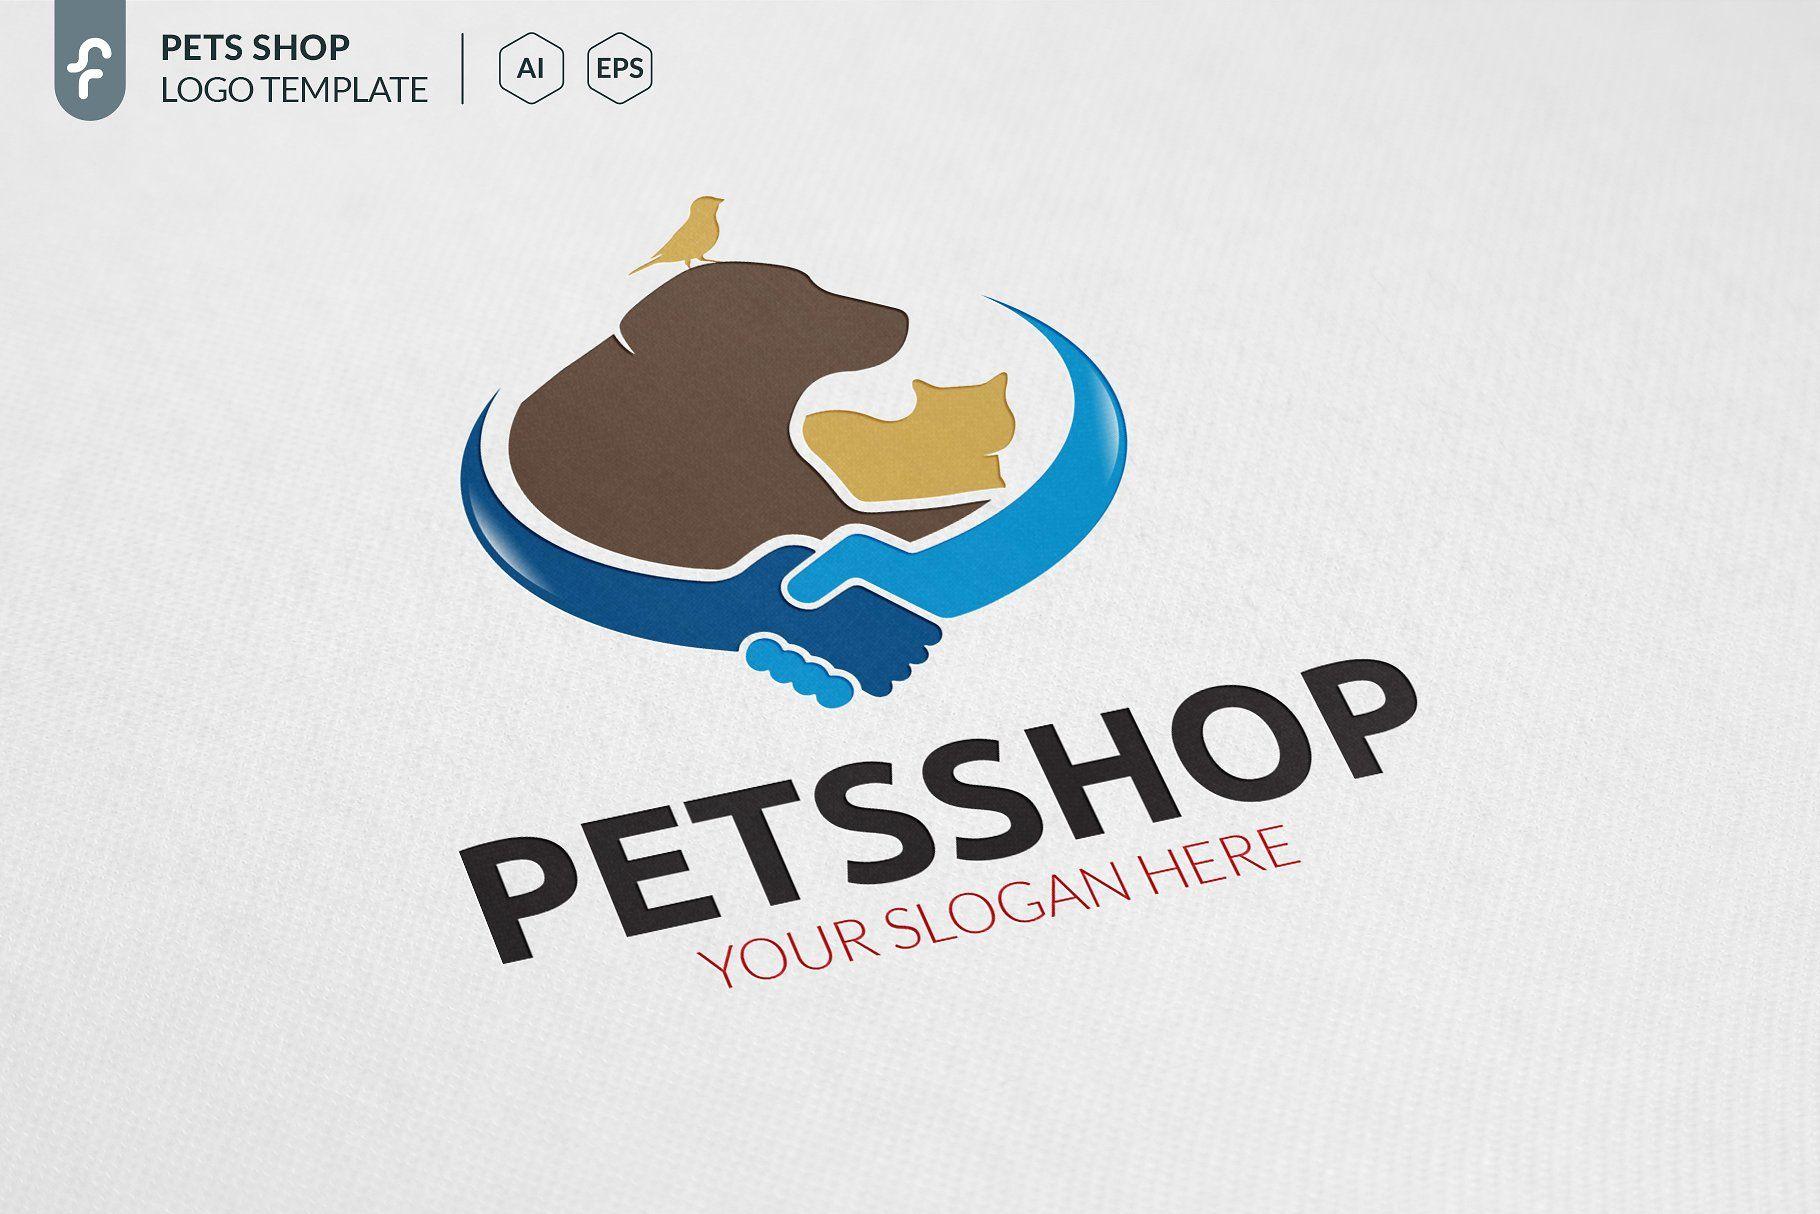 Pets Shop Logo Shop Pets Templates Logo Pet Shop Logo Pet Shop Pets